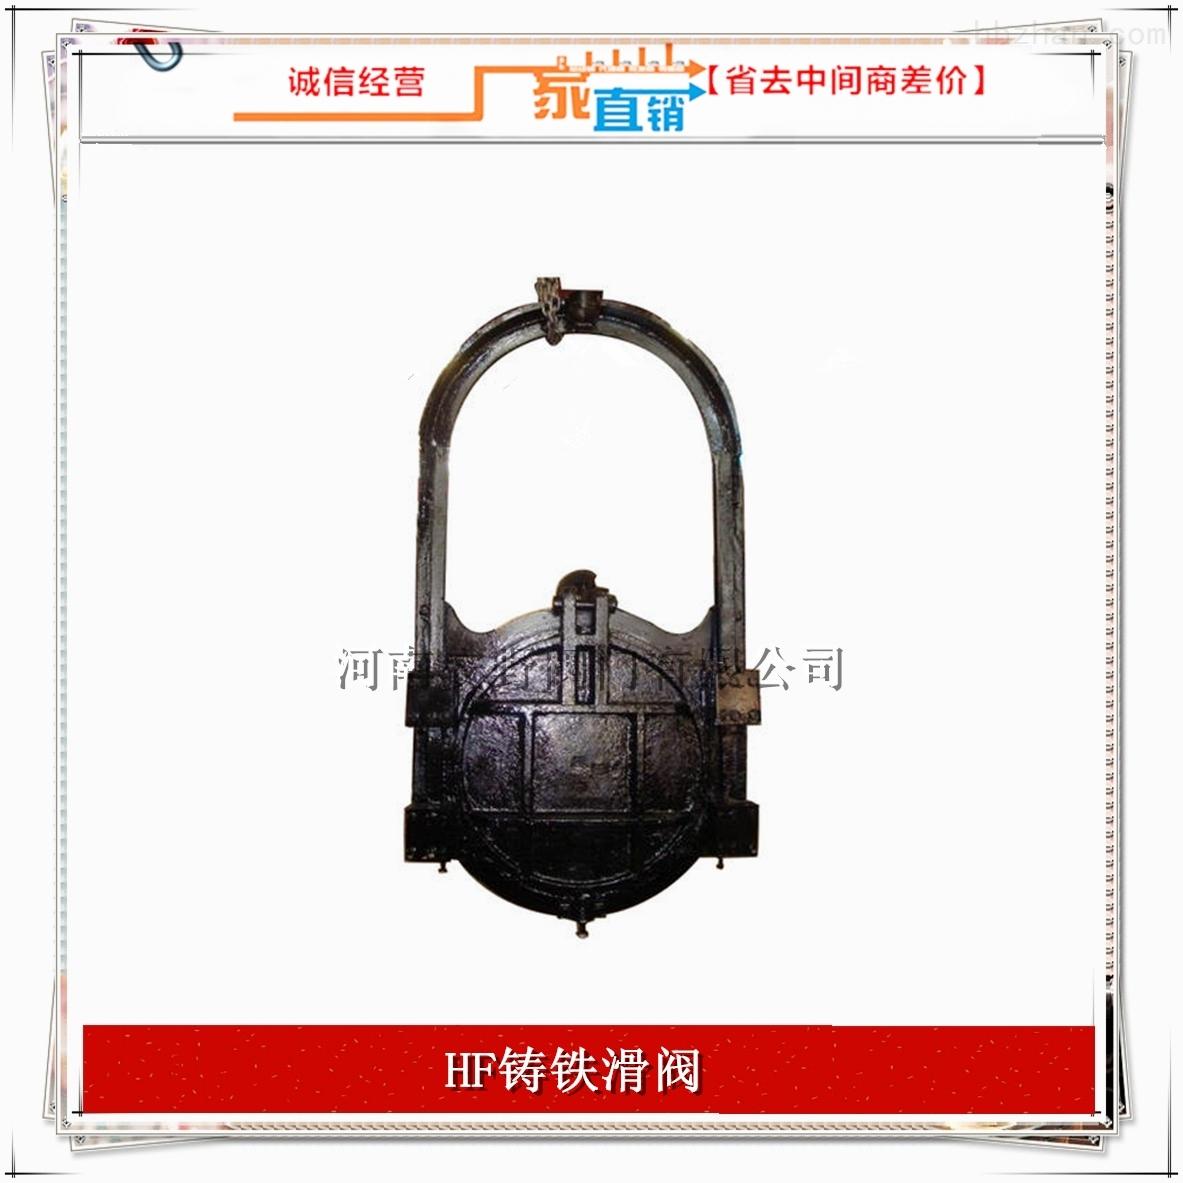 HF铸铁镶铜滑阀